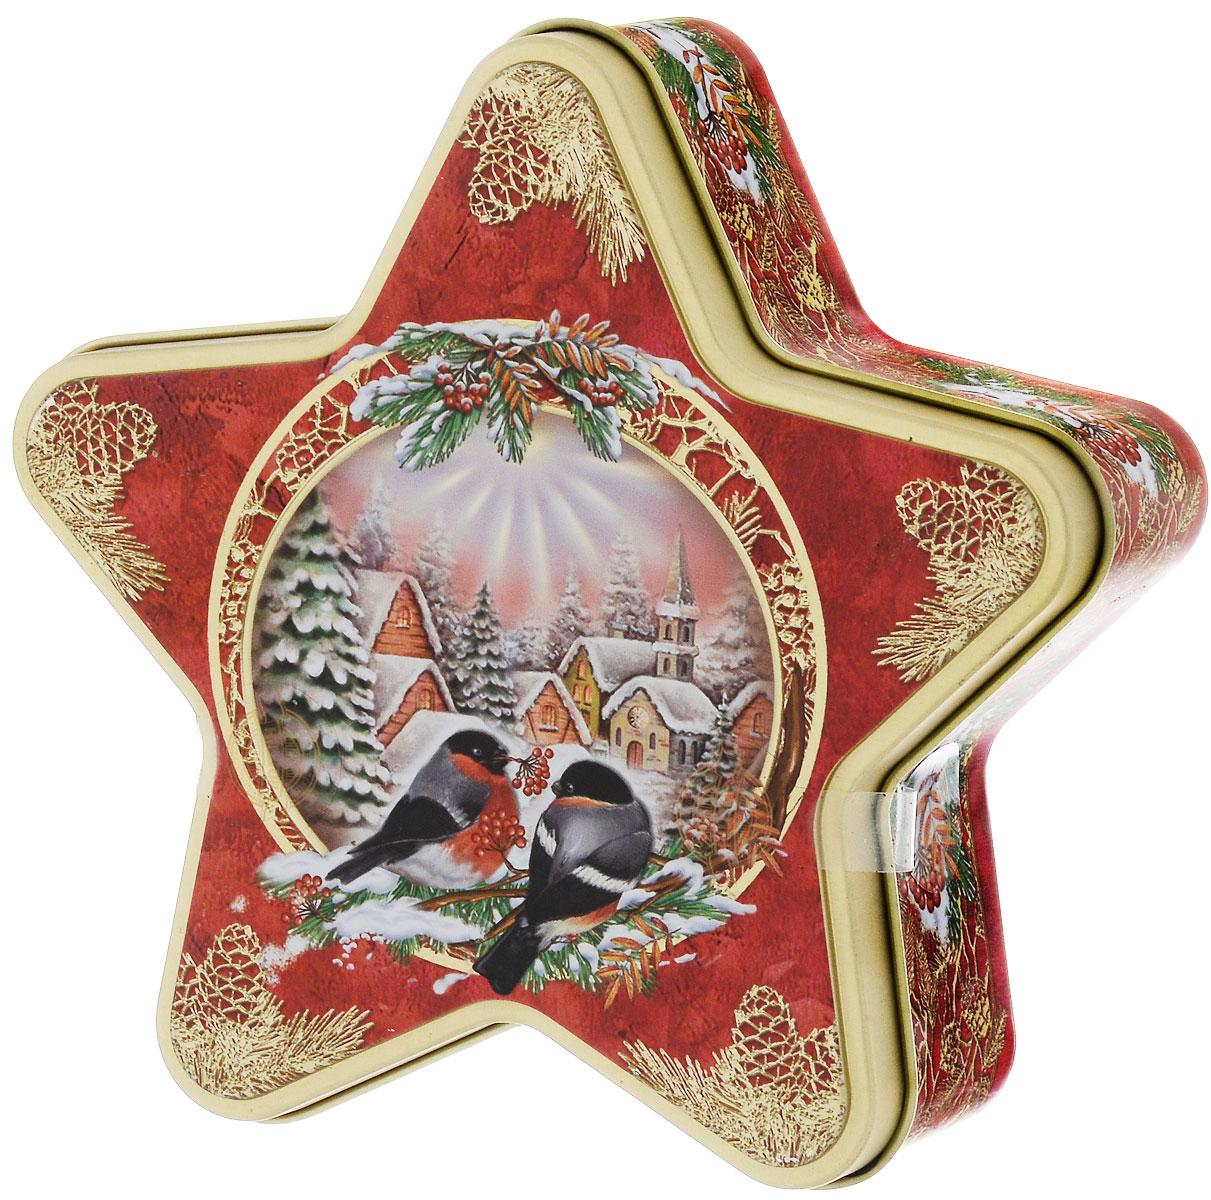 Hilltop Морозный рассвет Рождественский черный листовой чай, 100 г0120710Ароматный черный чай Hilltop Морозный рассвет с корицей и цедрой апельсина. Дополнен миндальным орехом, инжиром и гвоздикой.